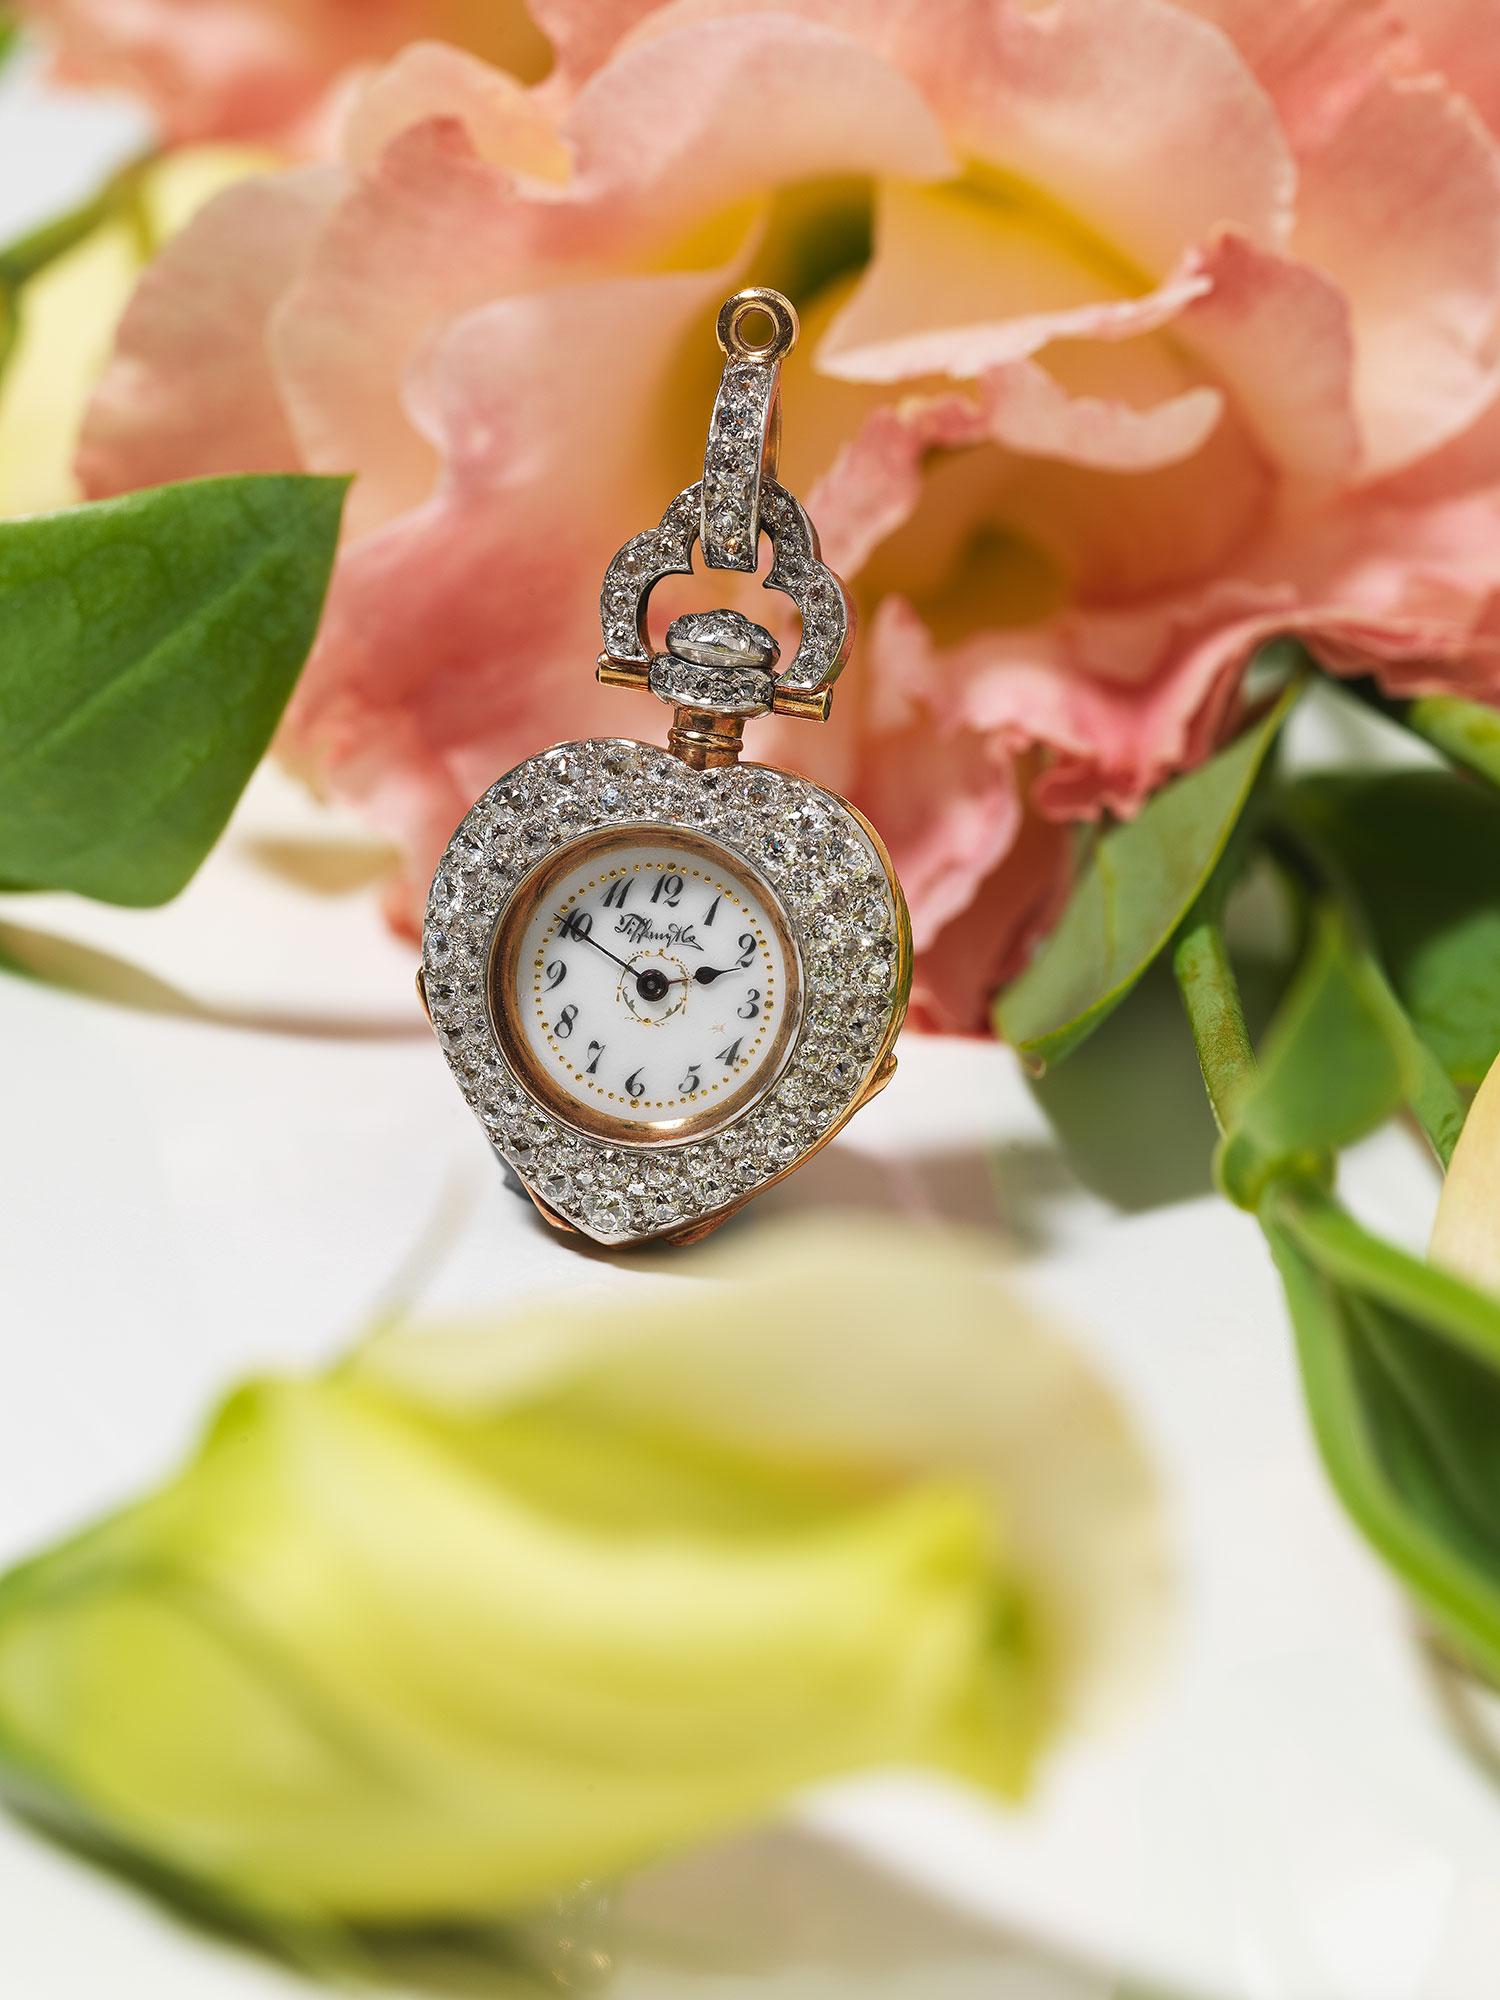 Schweiz Rapp Auktion Fur Schmuck Und Uhren 2017 Findart Cc Alte